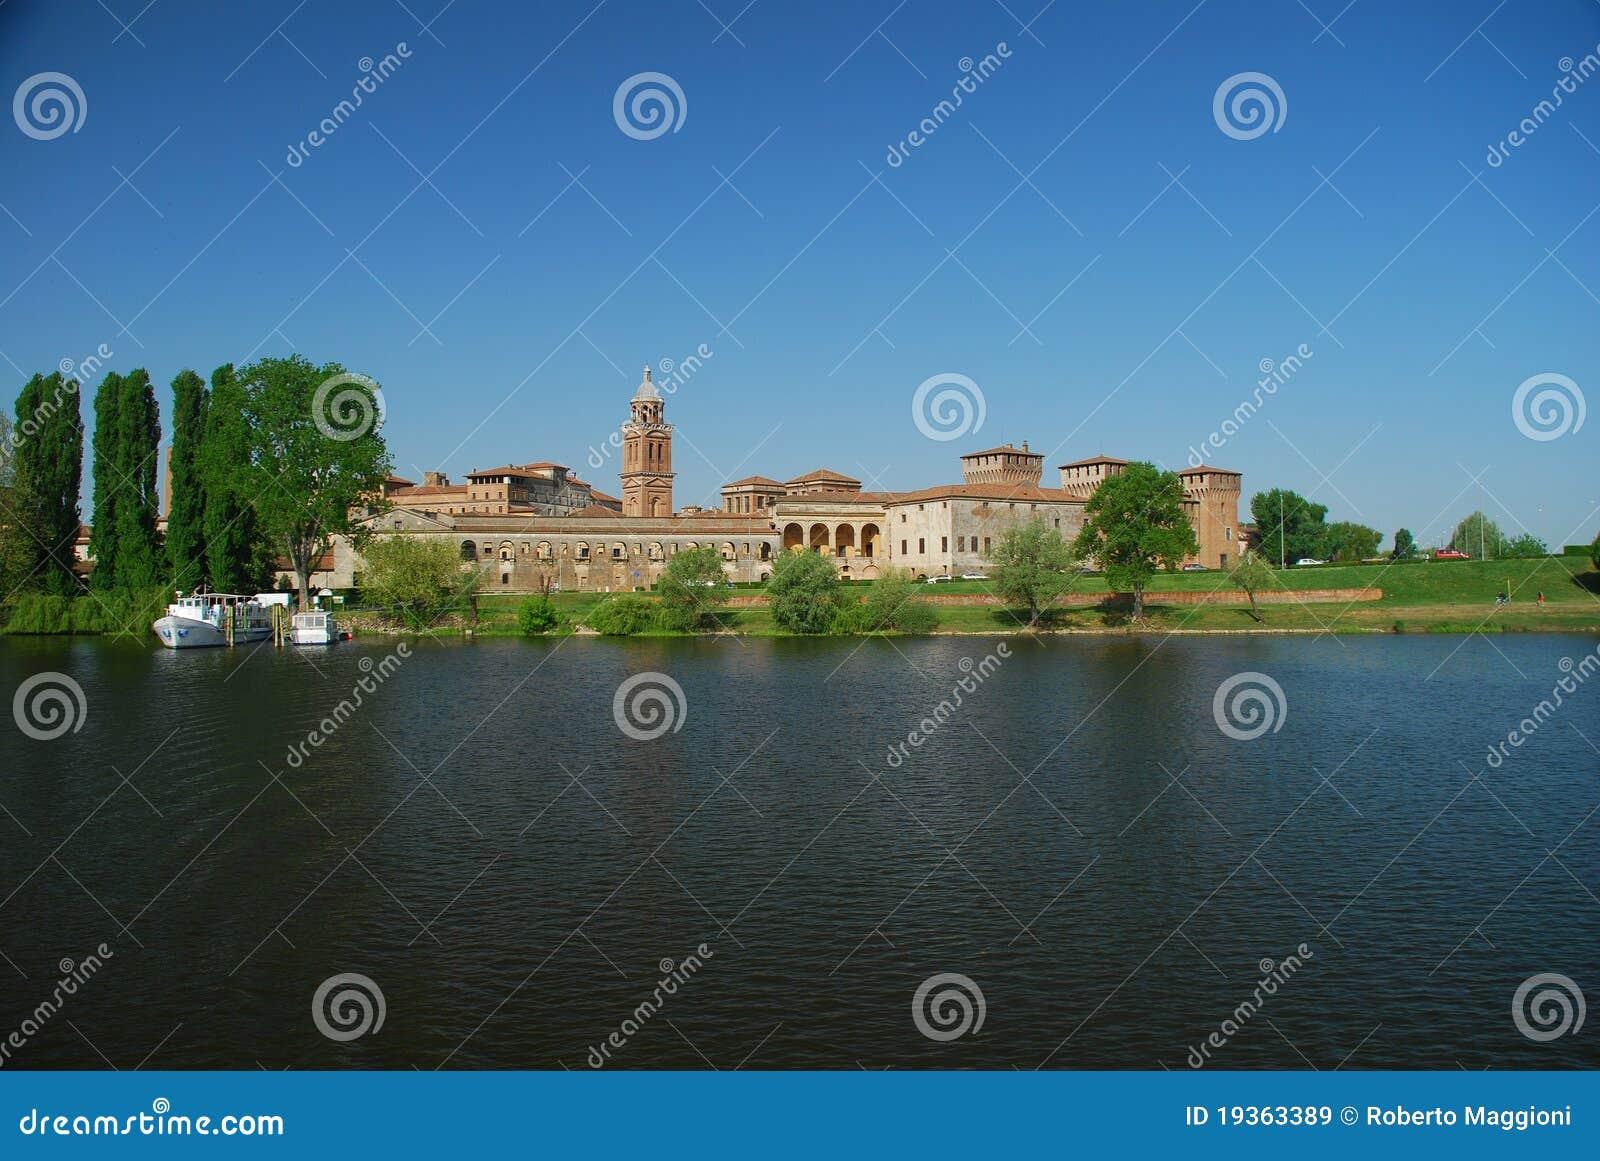 Mantova (Mantua), Italy